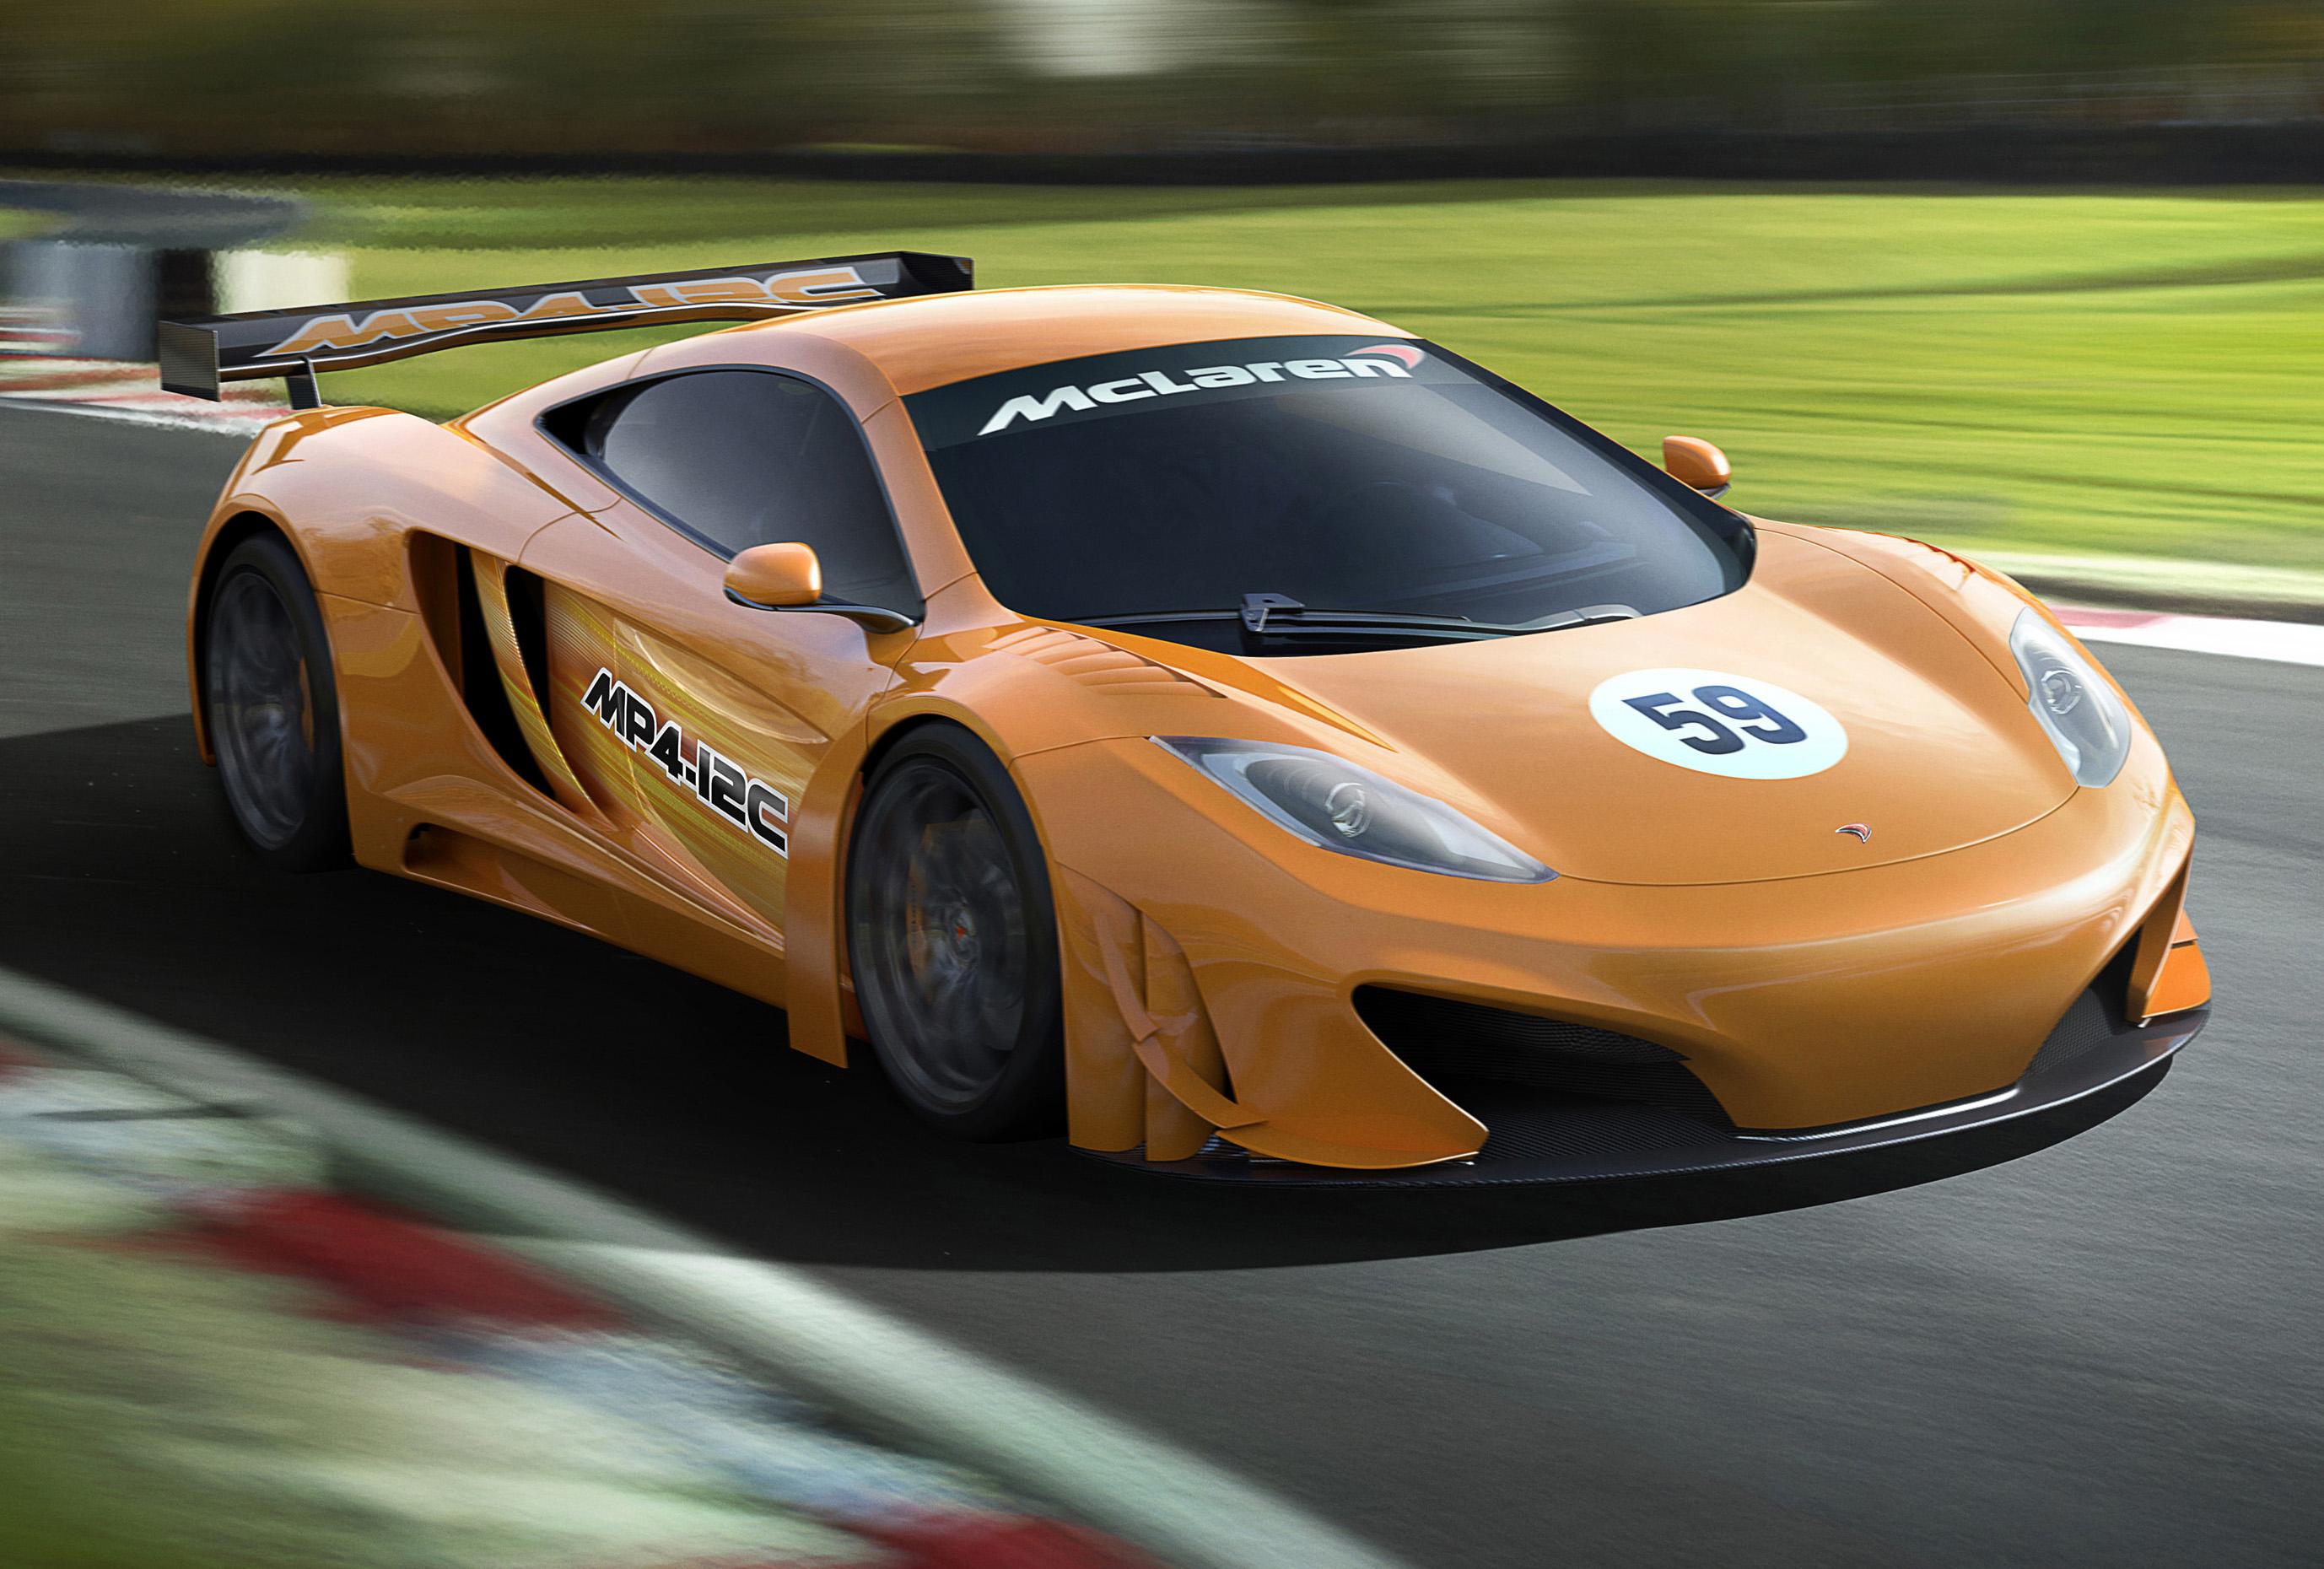 GT - Mclaren to return to GT racing - Motor Sport Press   For the ...